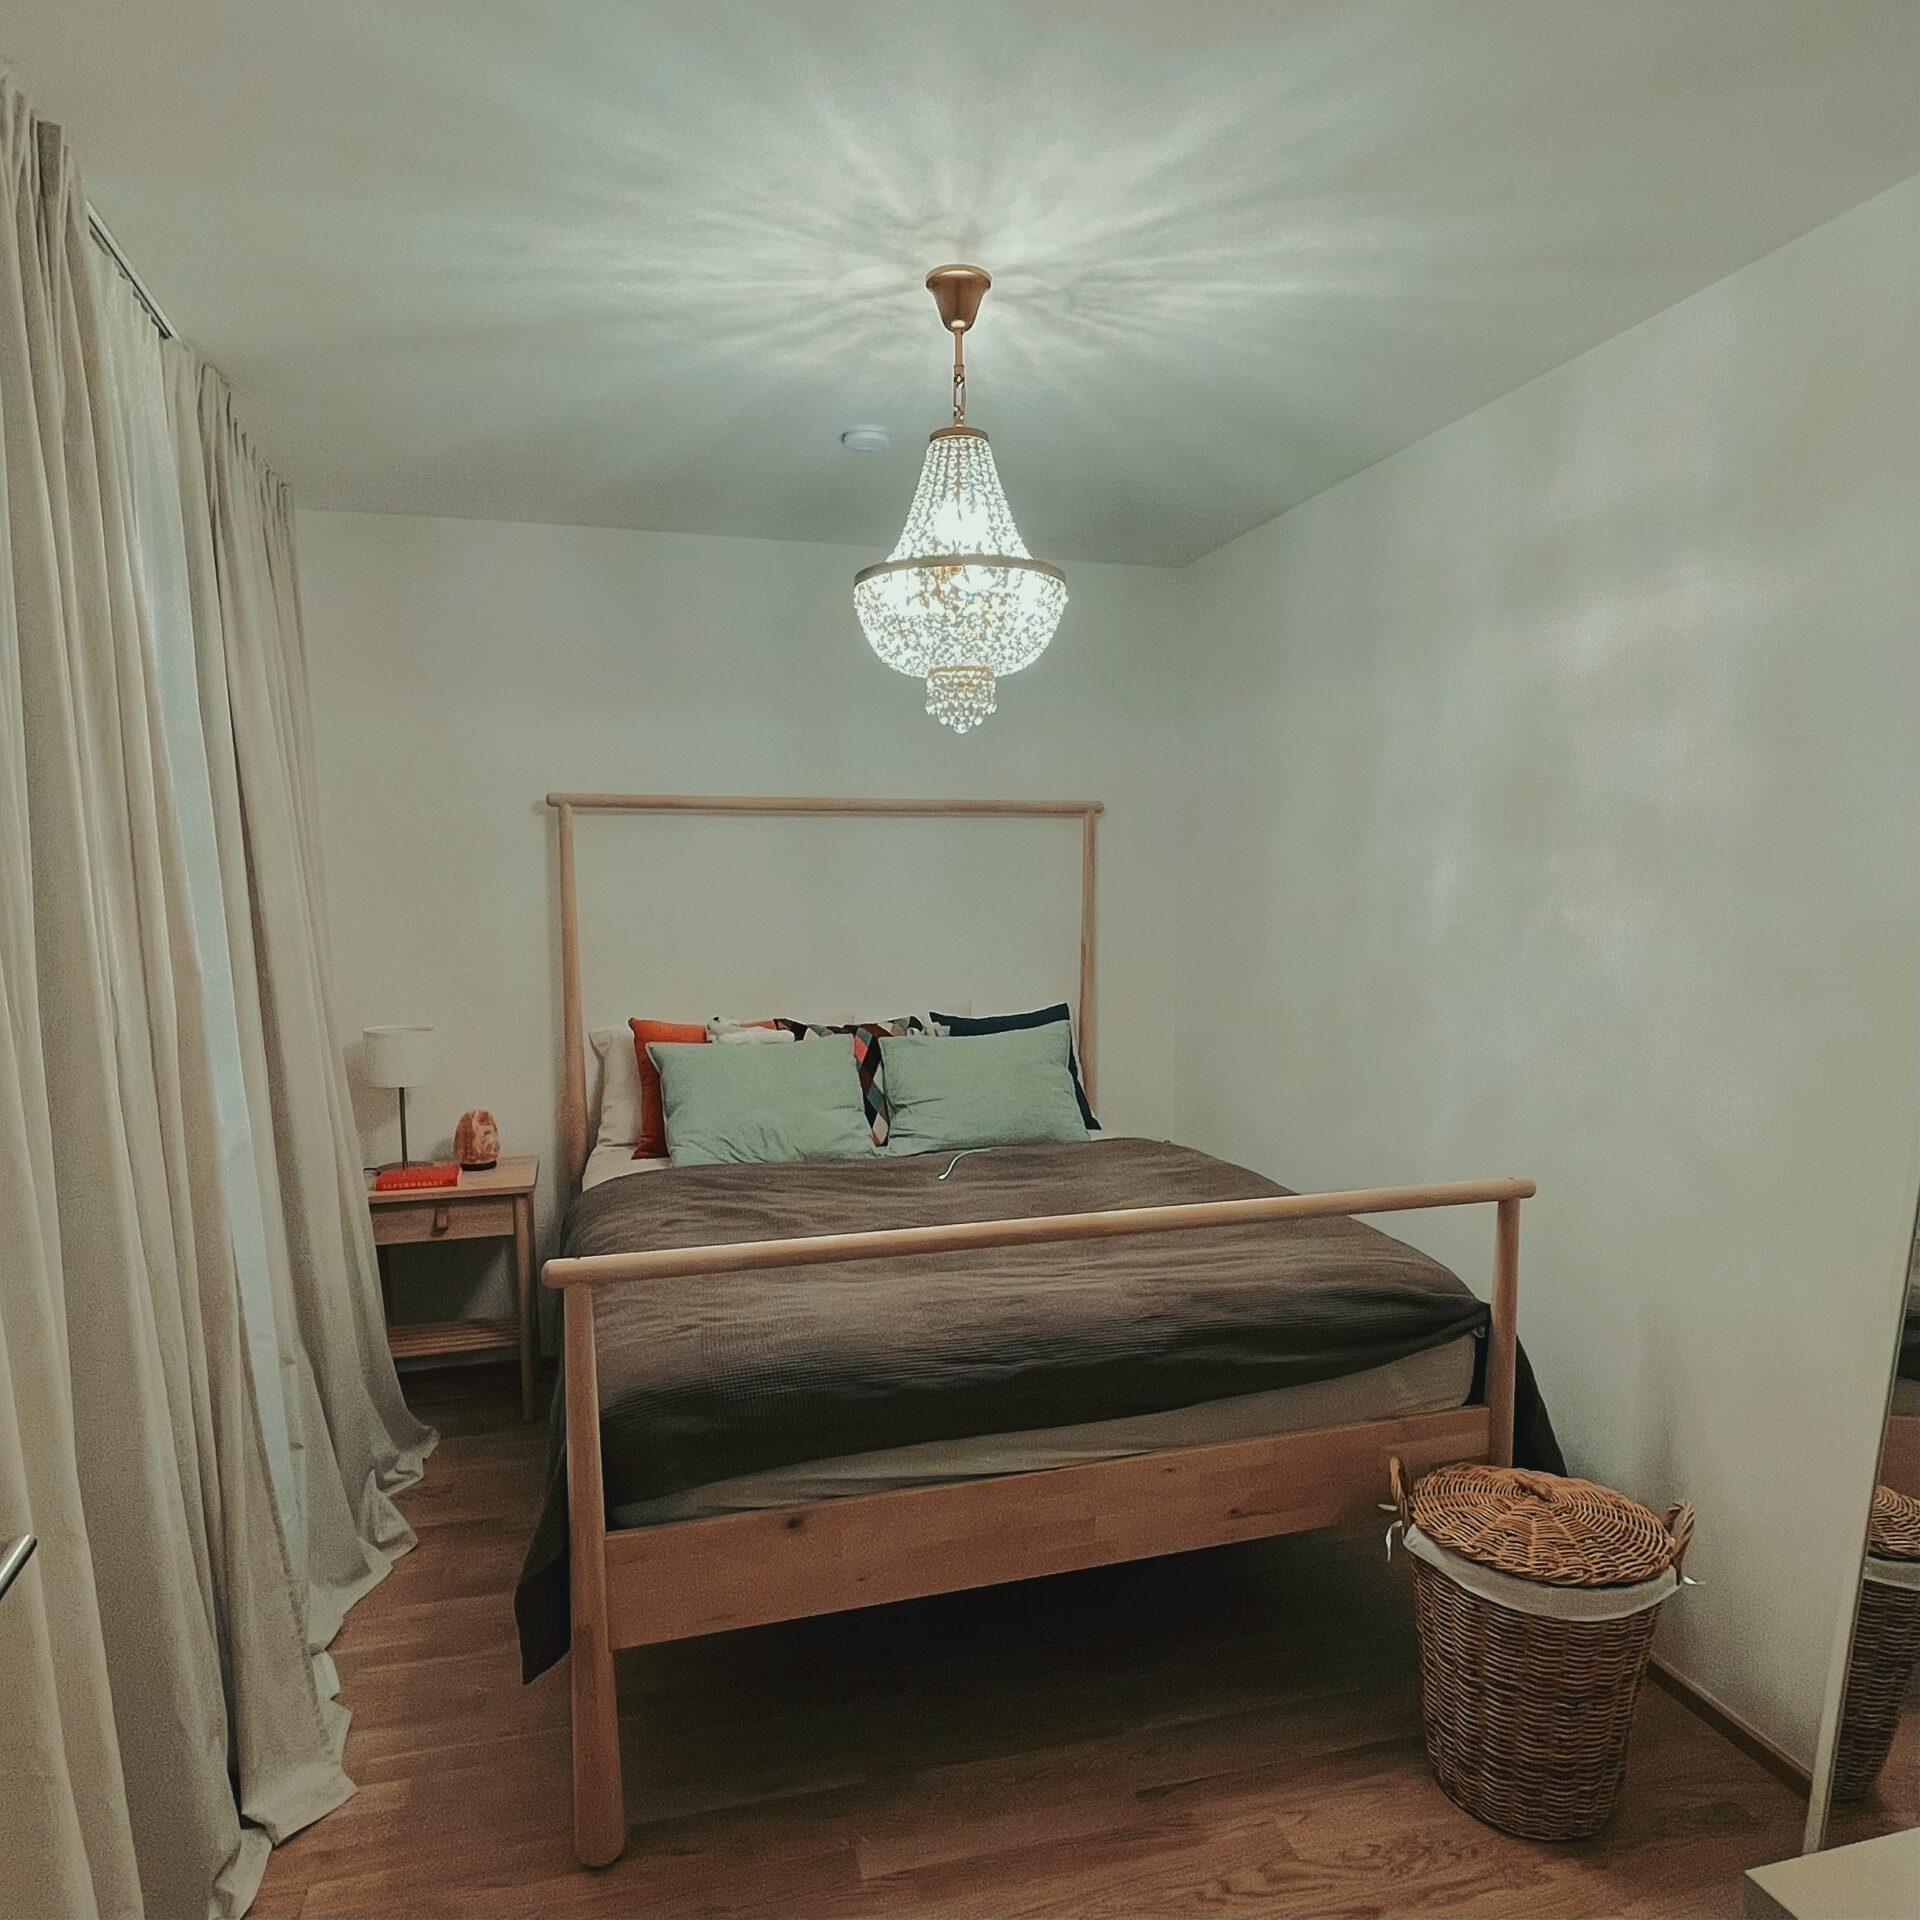 Hängeleuchte mit Kristall - Serie 6401 - Schlafzimmer